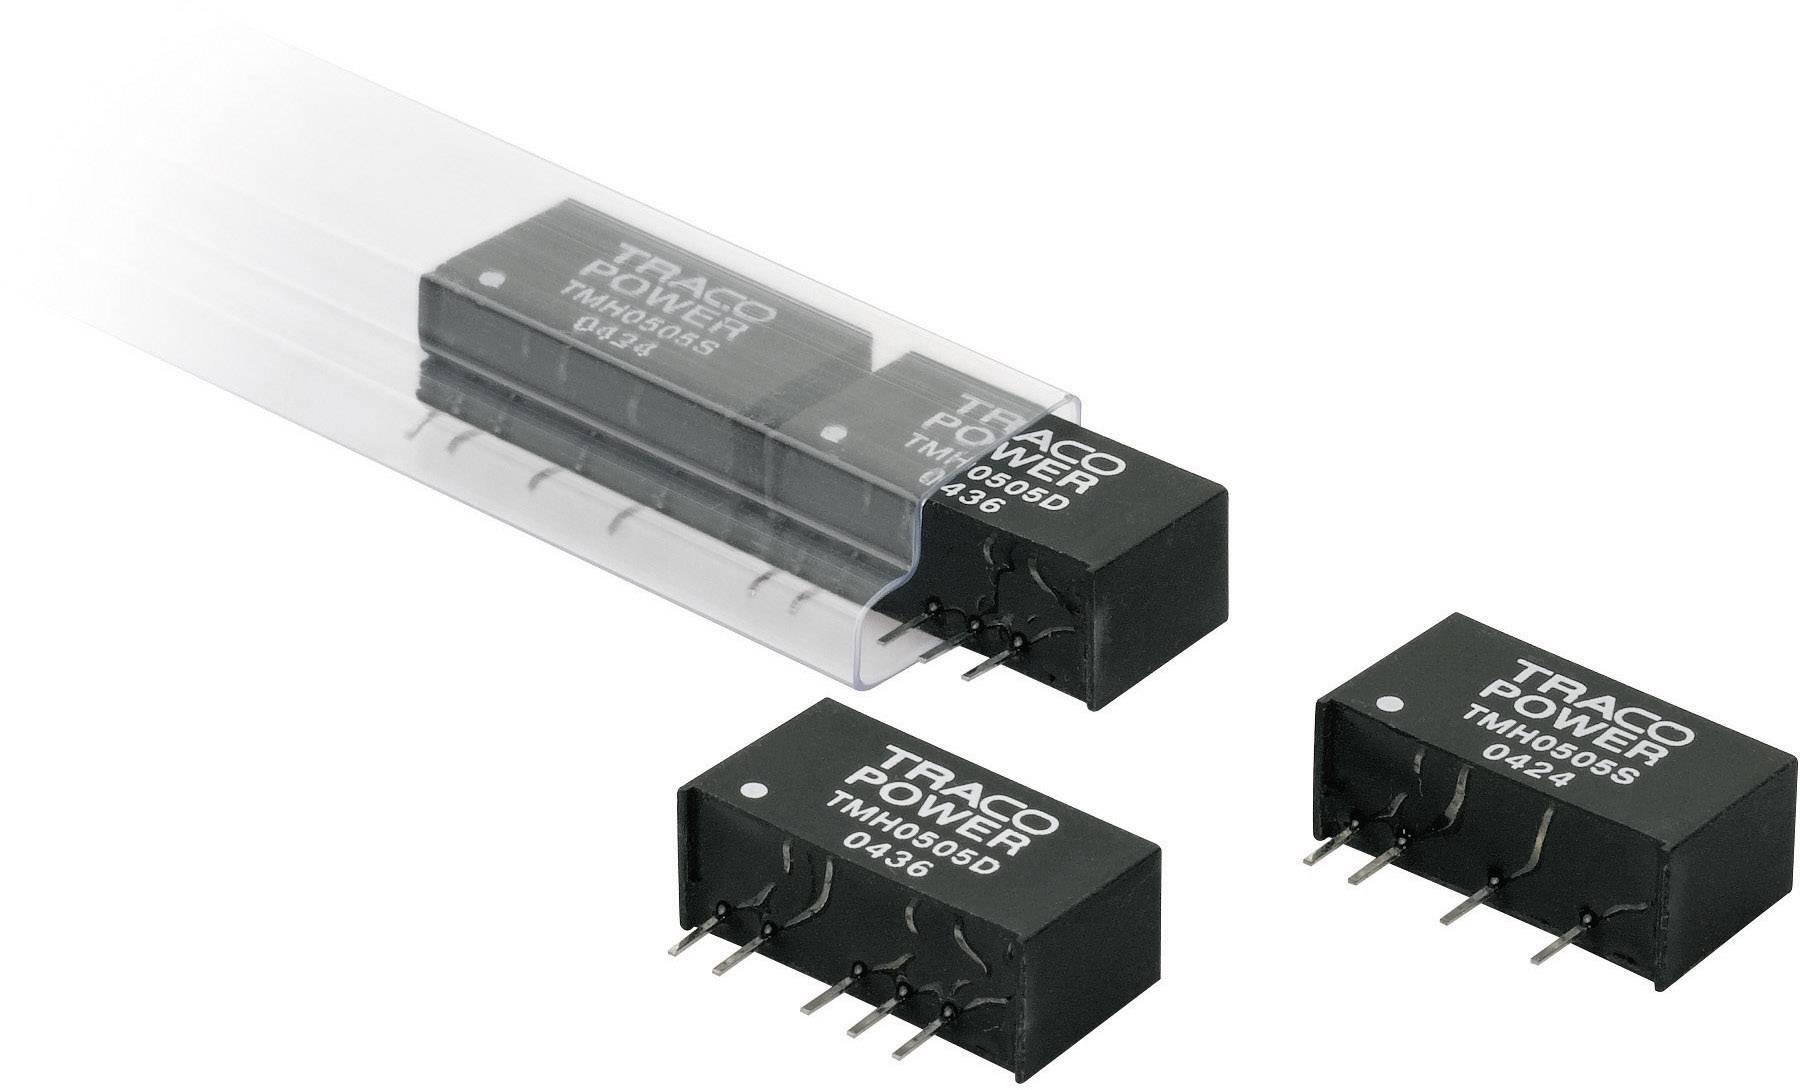 DC/DC měnič TracoPower TMH 0515S, vstup 5 V/DC, výstup 15 V/DC, 130 mA, 2 W